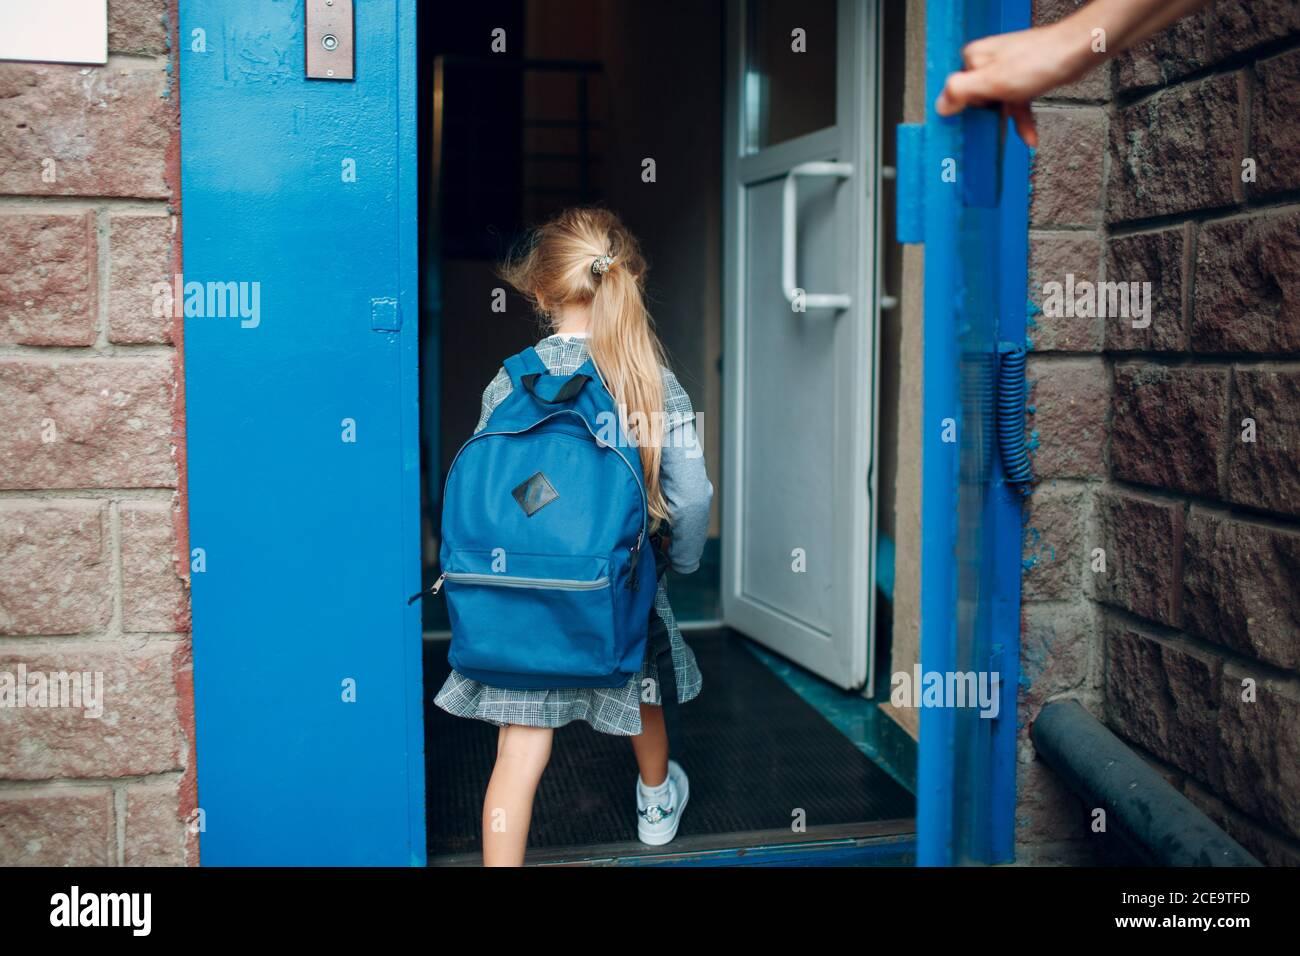 Rückansicht des Vaters, der von der Schule nach Hause kommt Mit seiner Tochter, die Rucksack trägt Stockfoto